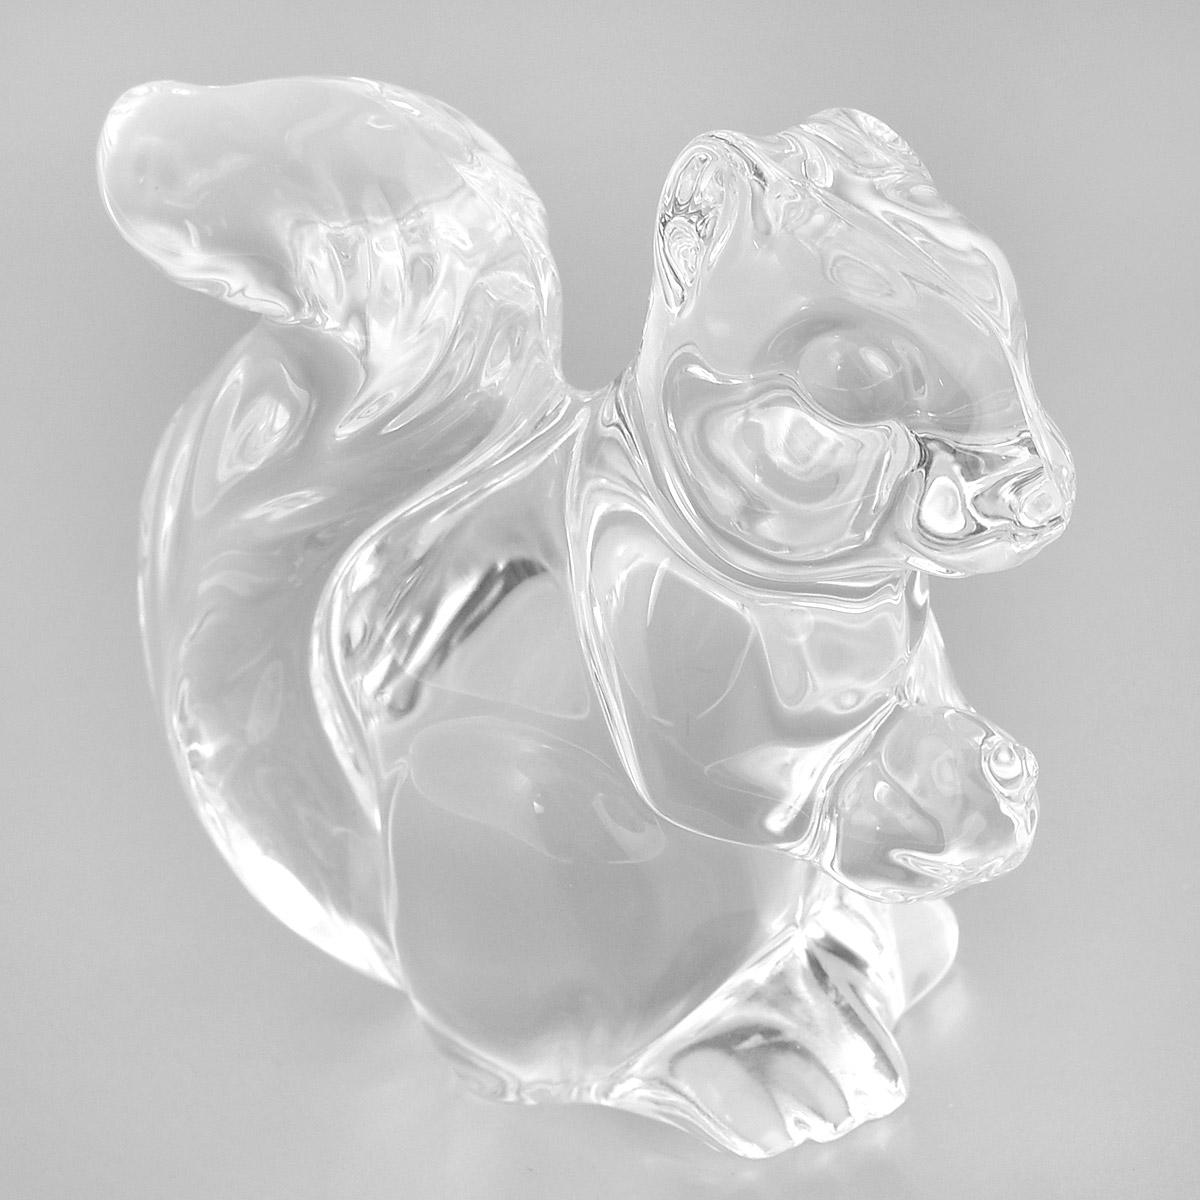 Фигурка декоративная Crystal Bohemia Белка, высота 8 см990/74815/0/58900/086-109Фигурка Crystal Bohemia Белка изготовлена из высококачественного хрусталя. Фигурка выполнена в виде белки и сочетает в себе изысканный дизайн и лаконичность. Она прекрасно подойдет для декора интерьера дома или офиса и станет достойным дополнением к вашей коллекции. Вы можете поставить фигурку в любом месте, где она будет удачно смотреться и радовать глаз. Кроме того - это отличный вариант подарка для ваших близких и друзей.